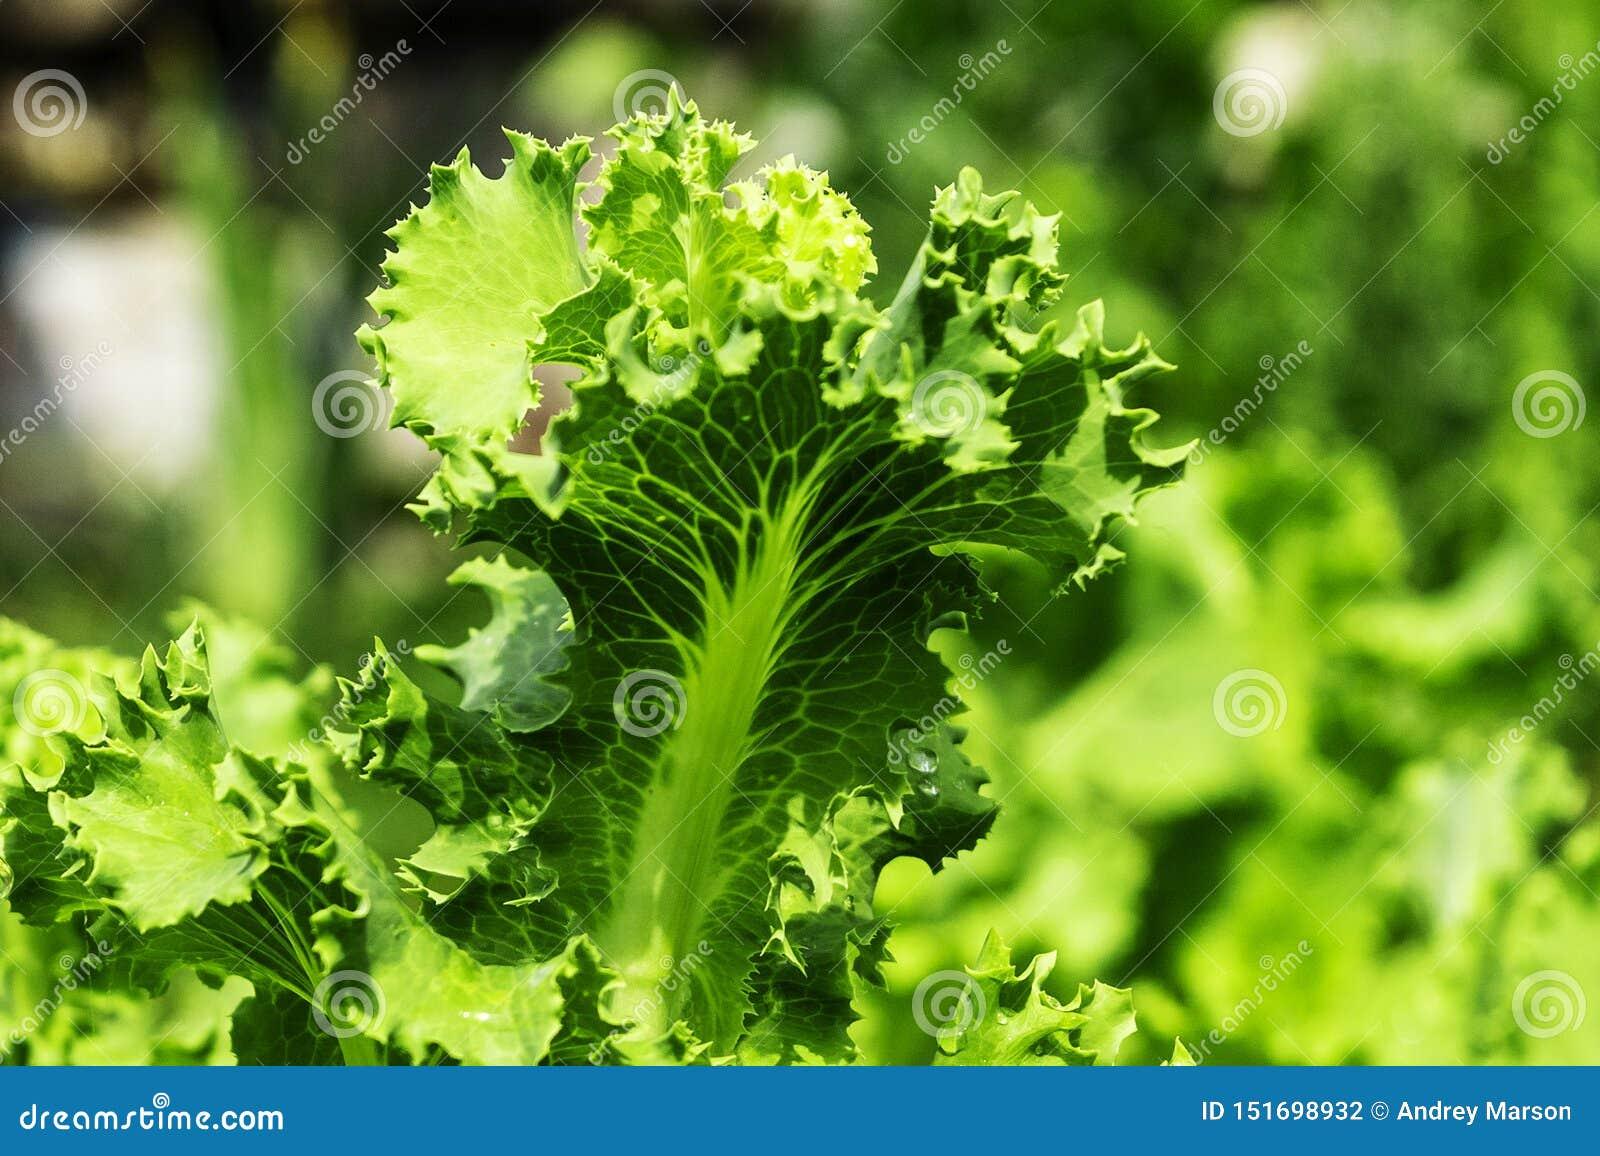 Letto del giardino con insalata, primo piano Fogli freschi della lattuga